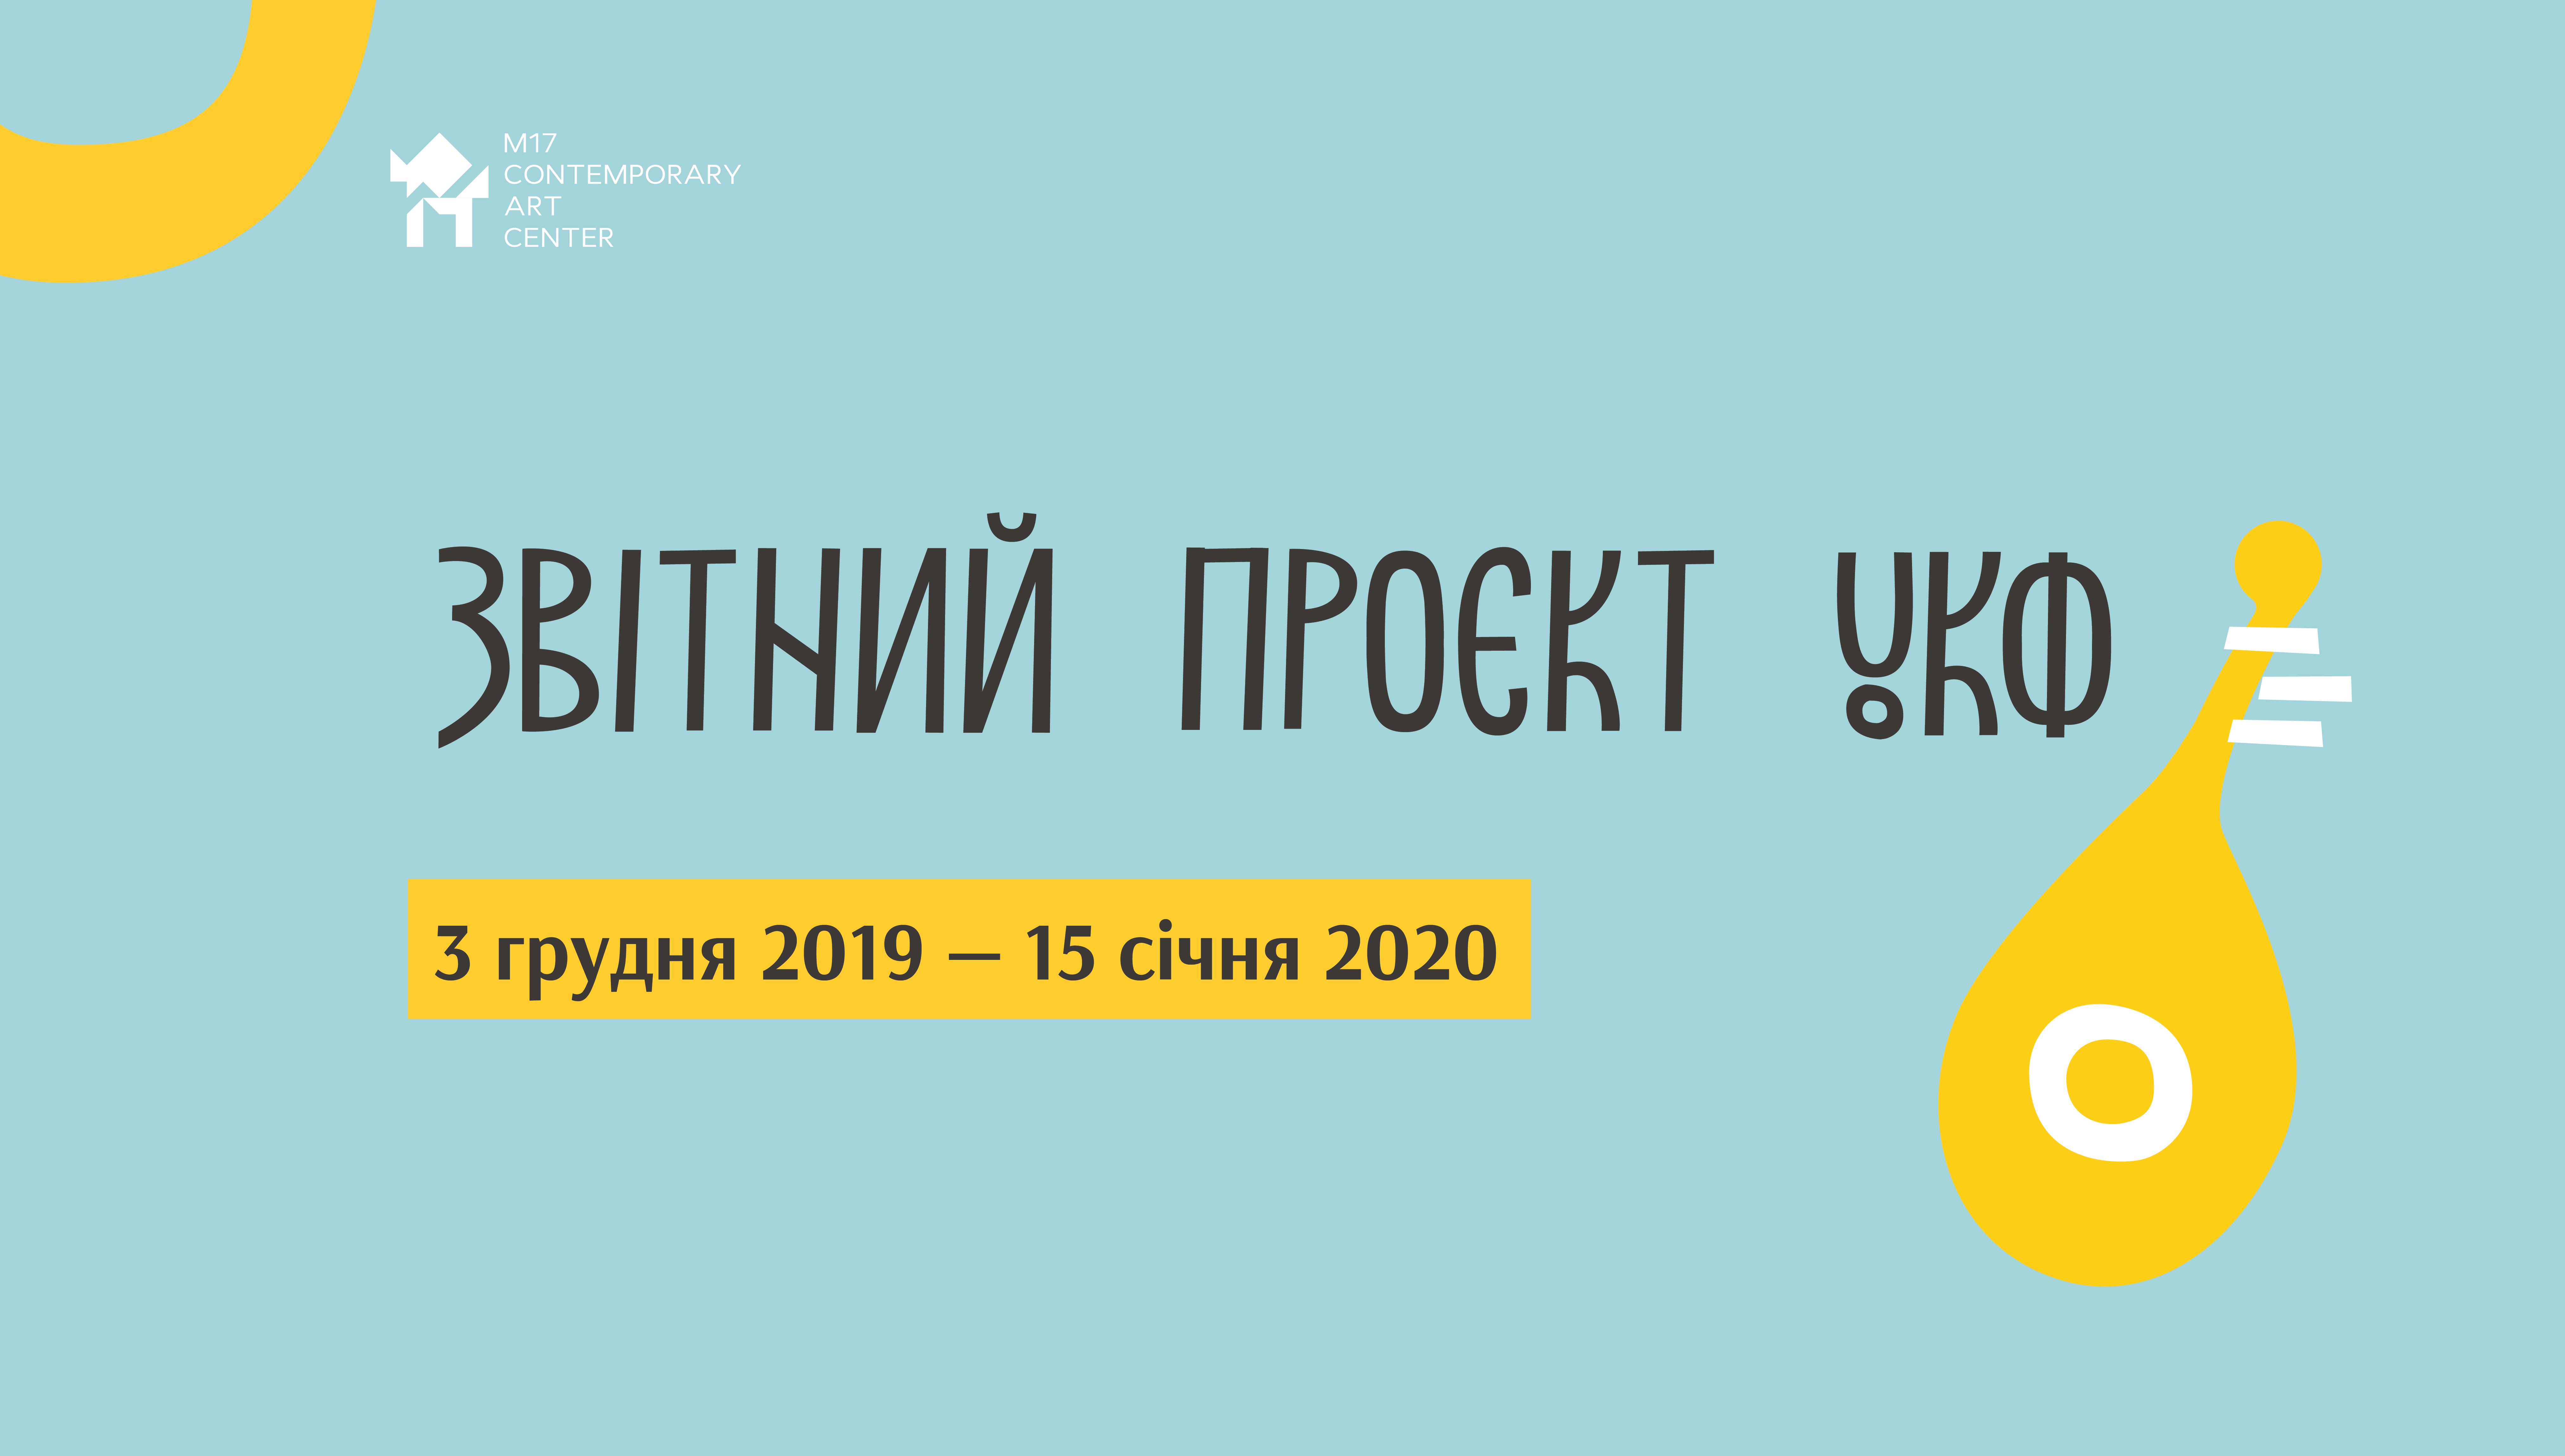 Звітний проєкт Українського культурного фонду